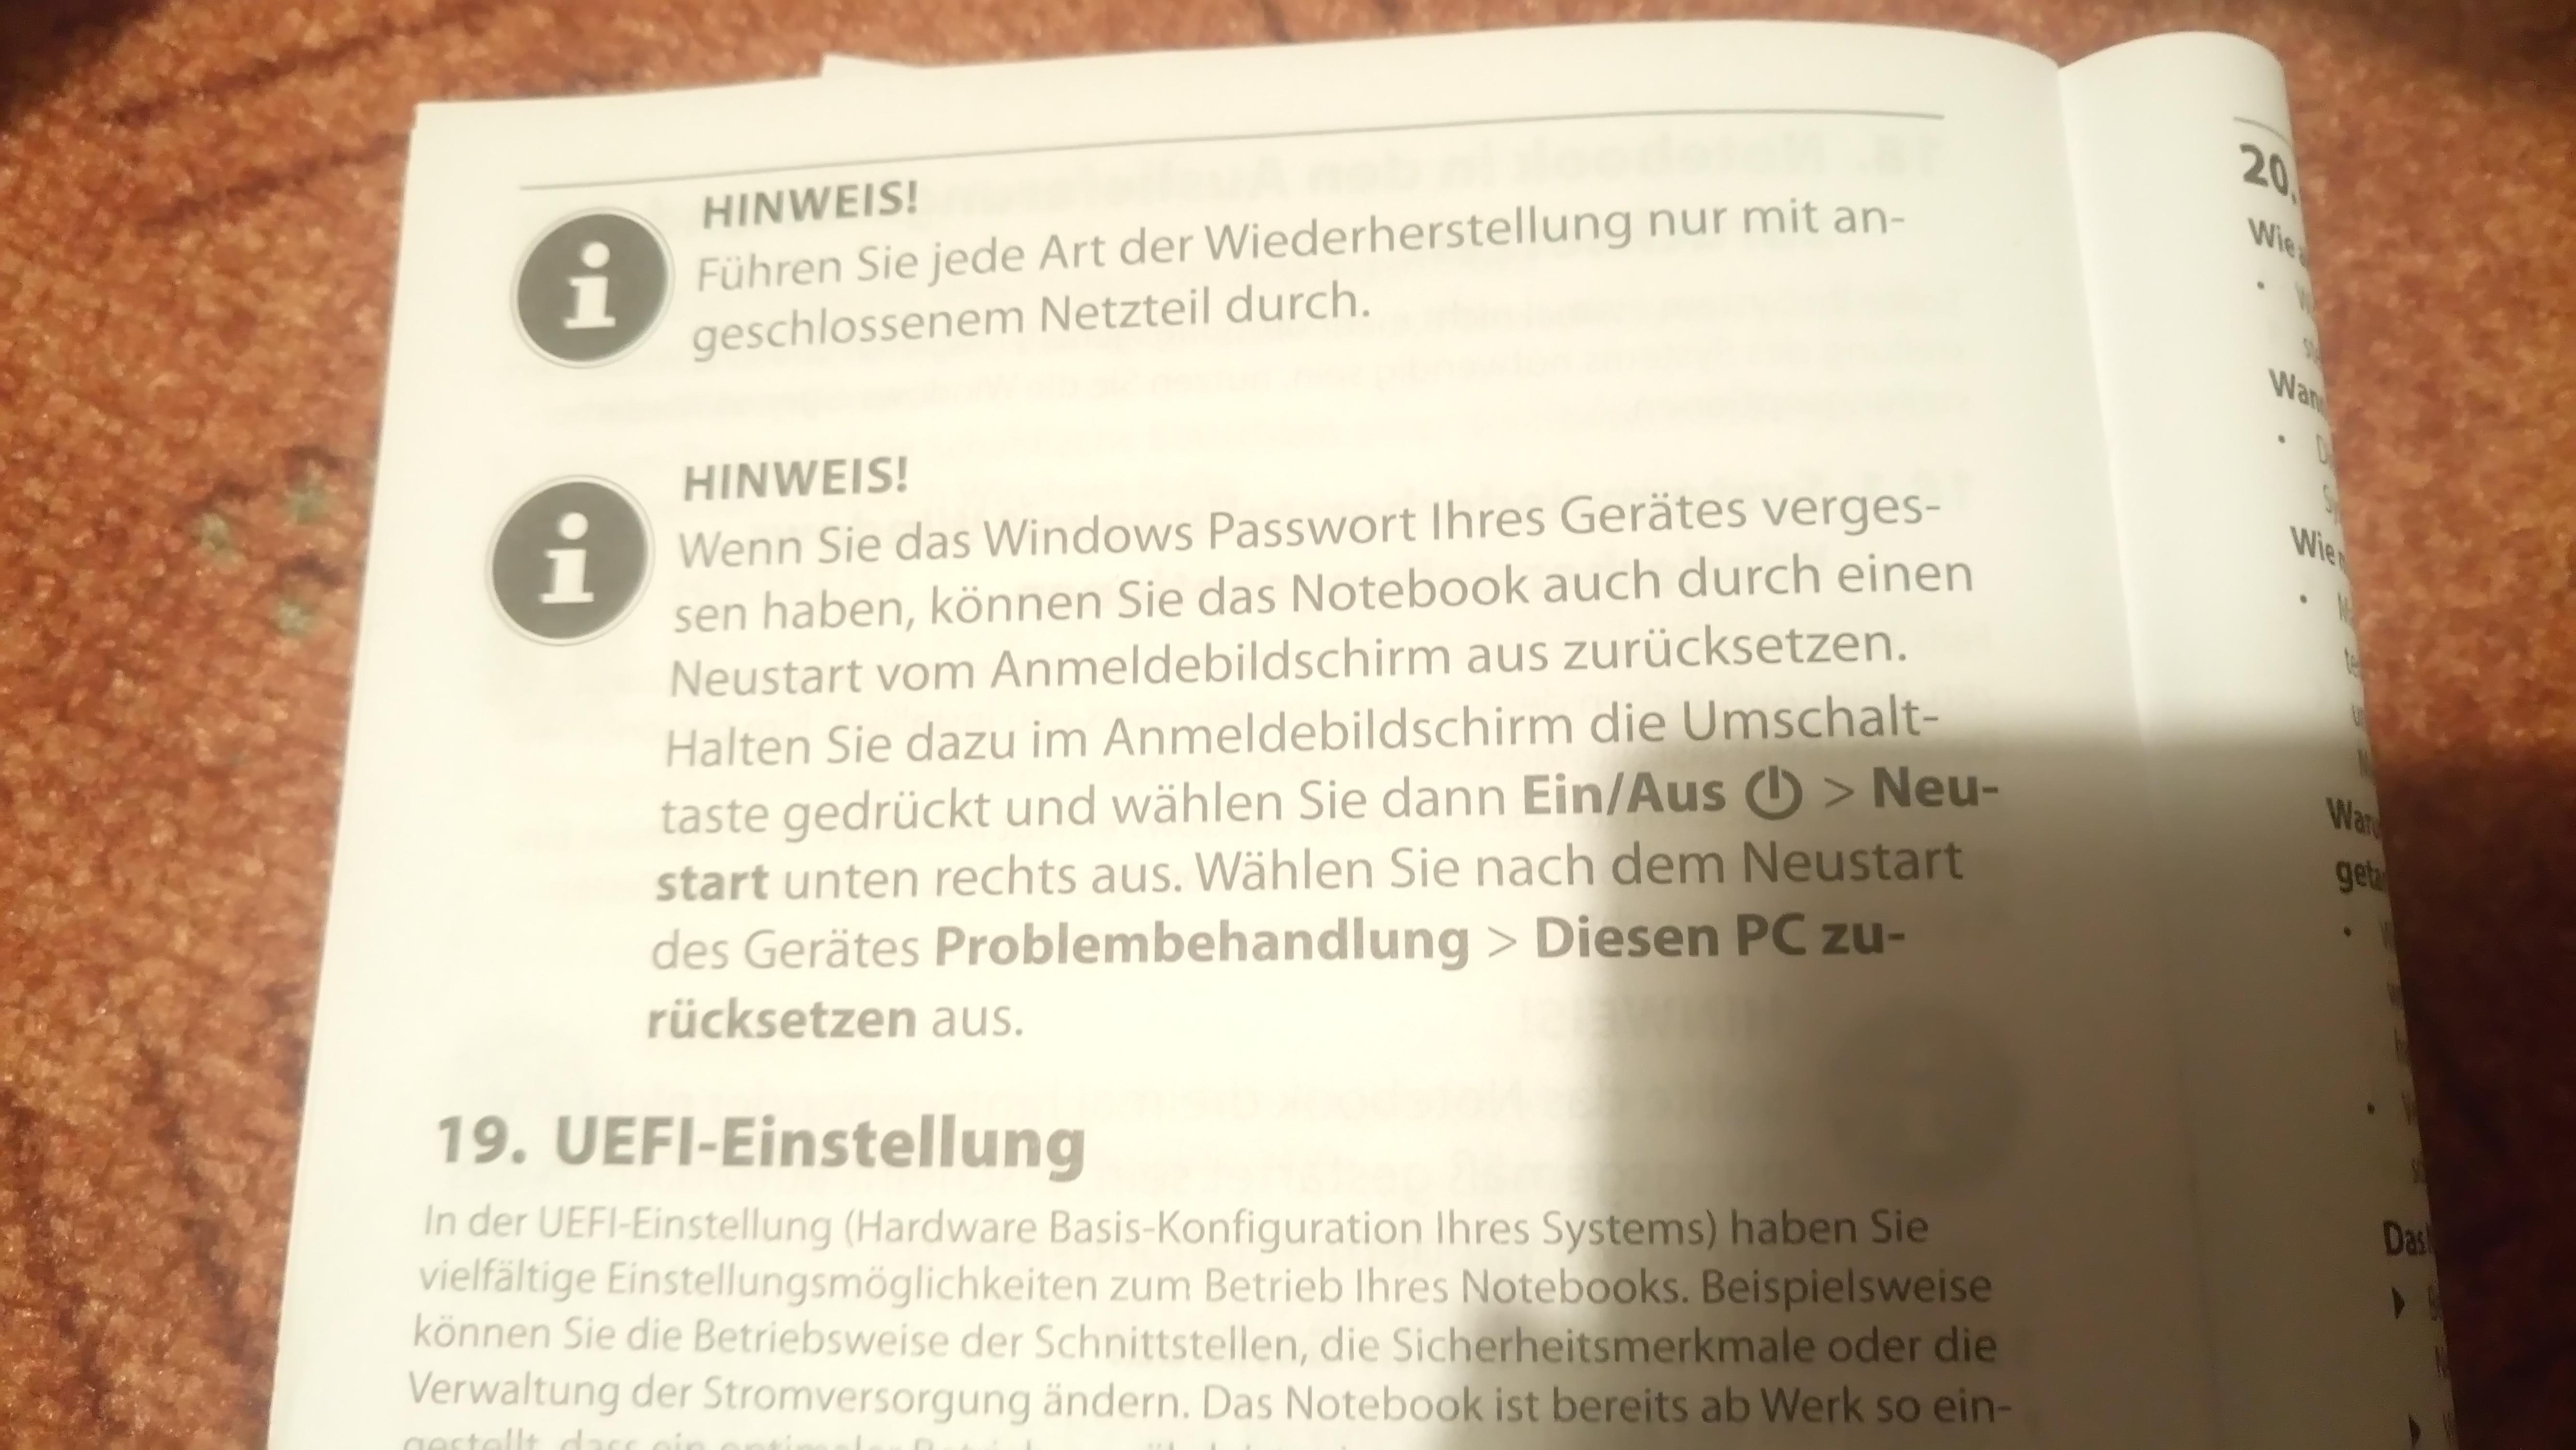 tablet passwort vergessen windows